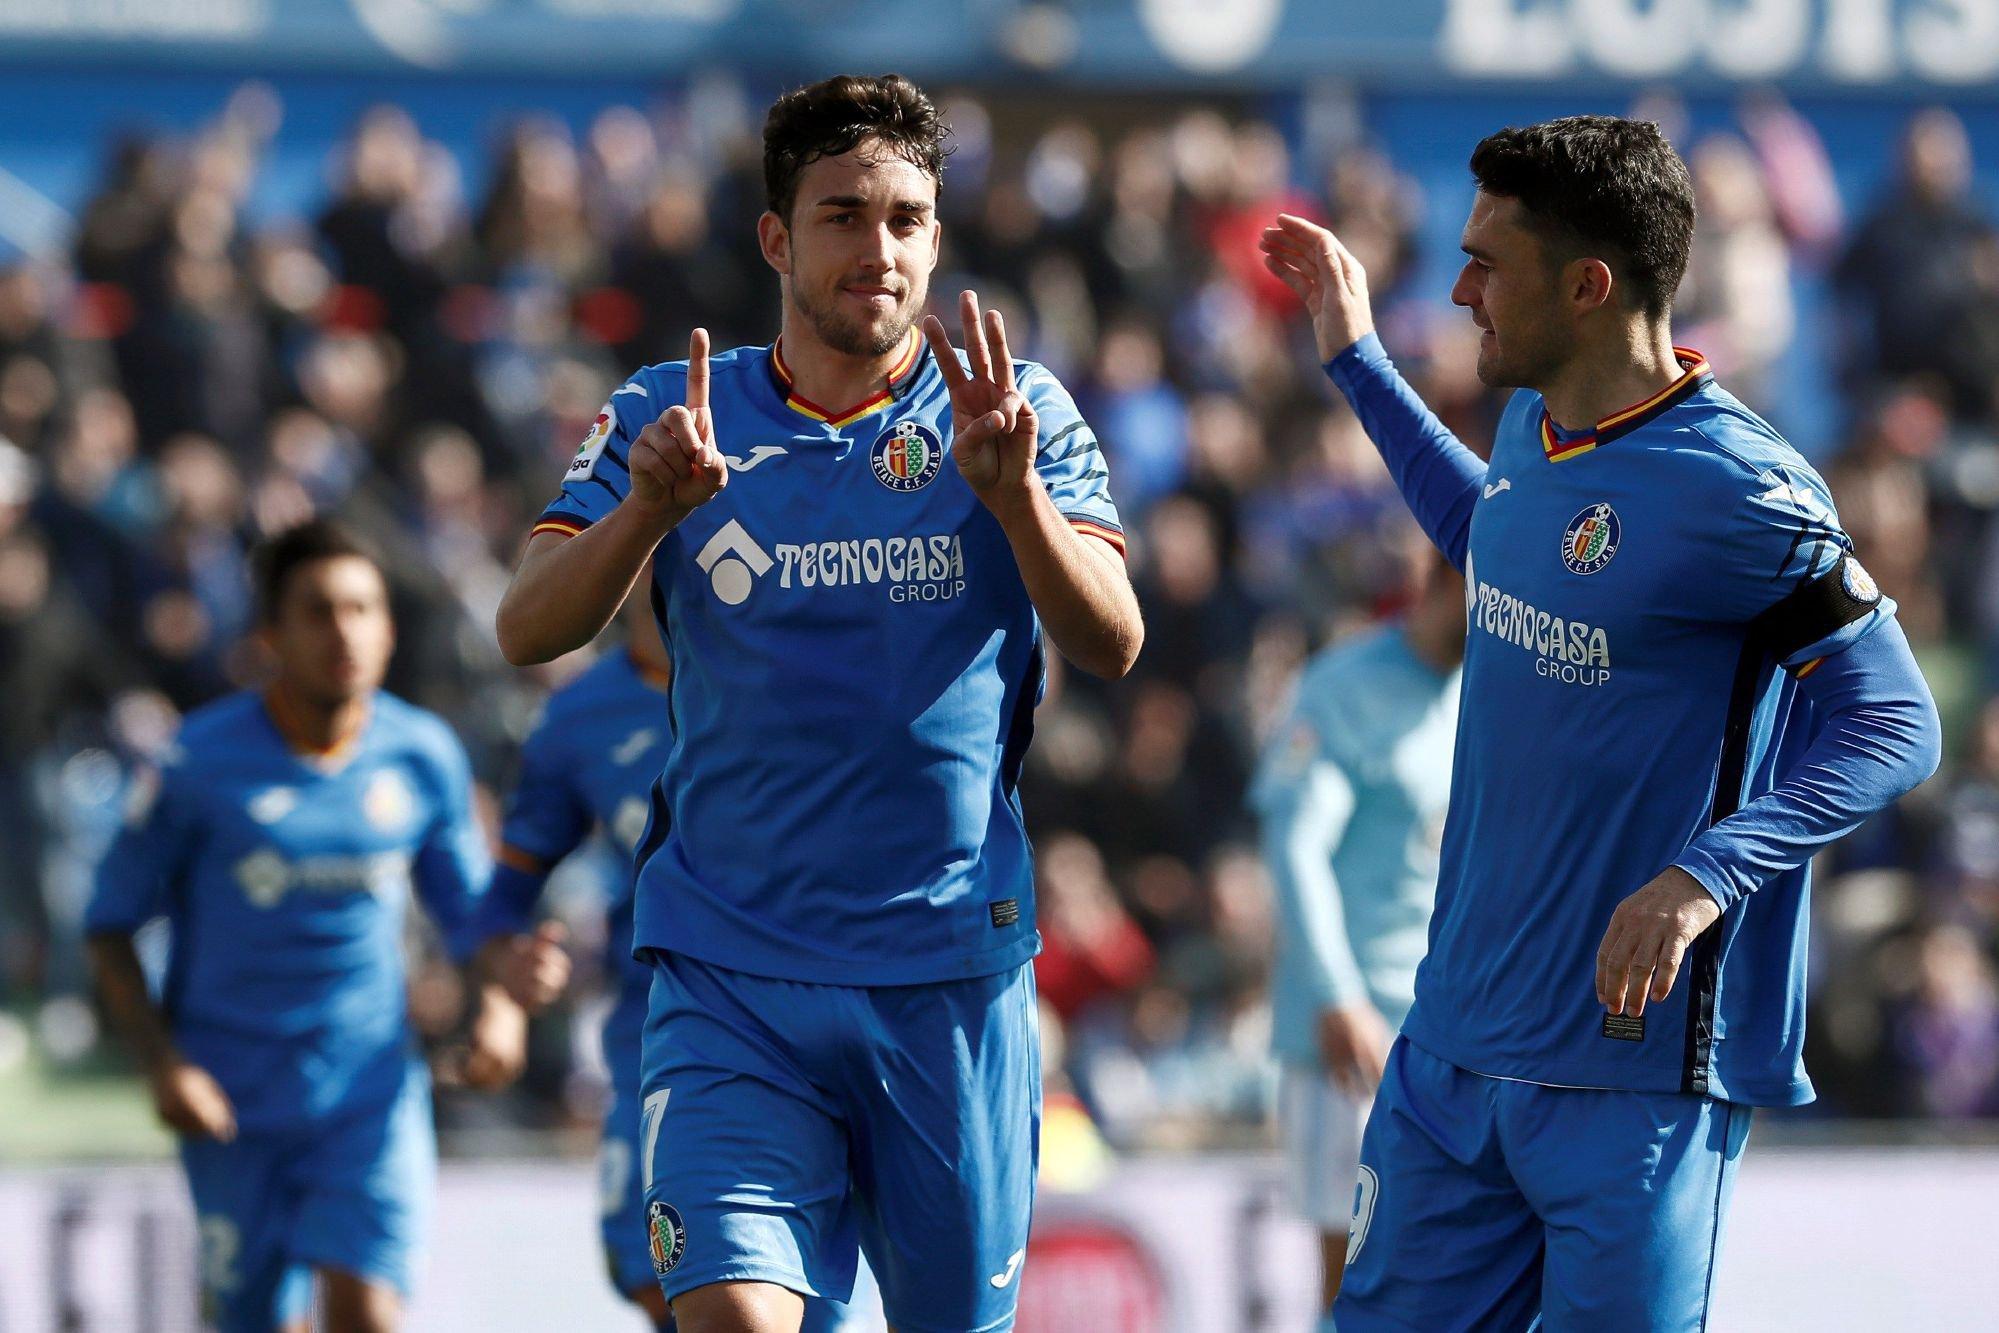 El delantero del Getafe, Jaime Mata celebra con su compañero, Jorge Molina, uno de sus goles ante el Celta de Vigo, durante el partido de la vigésimo tercera jornada de Liga que disputaron en el estadio Coliseum Alfonso Pérez de Getafe.